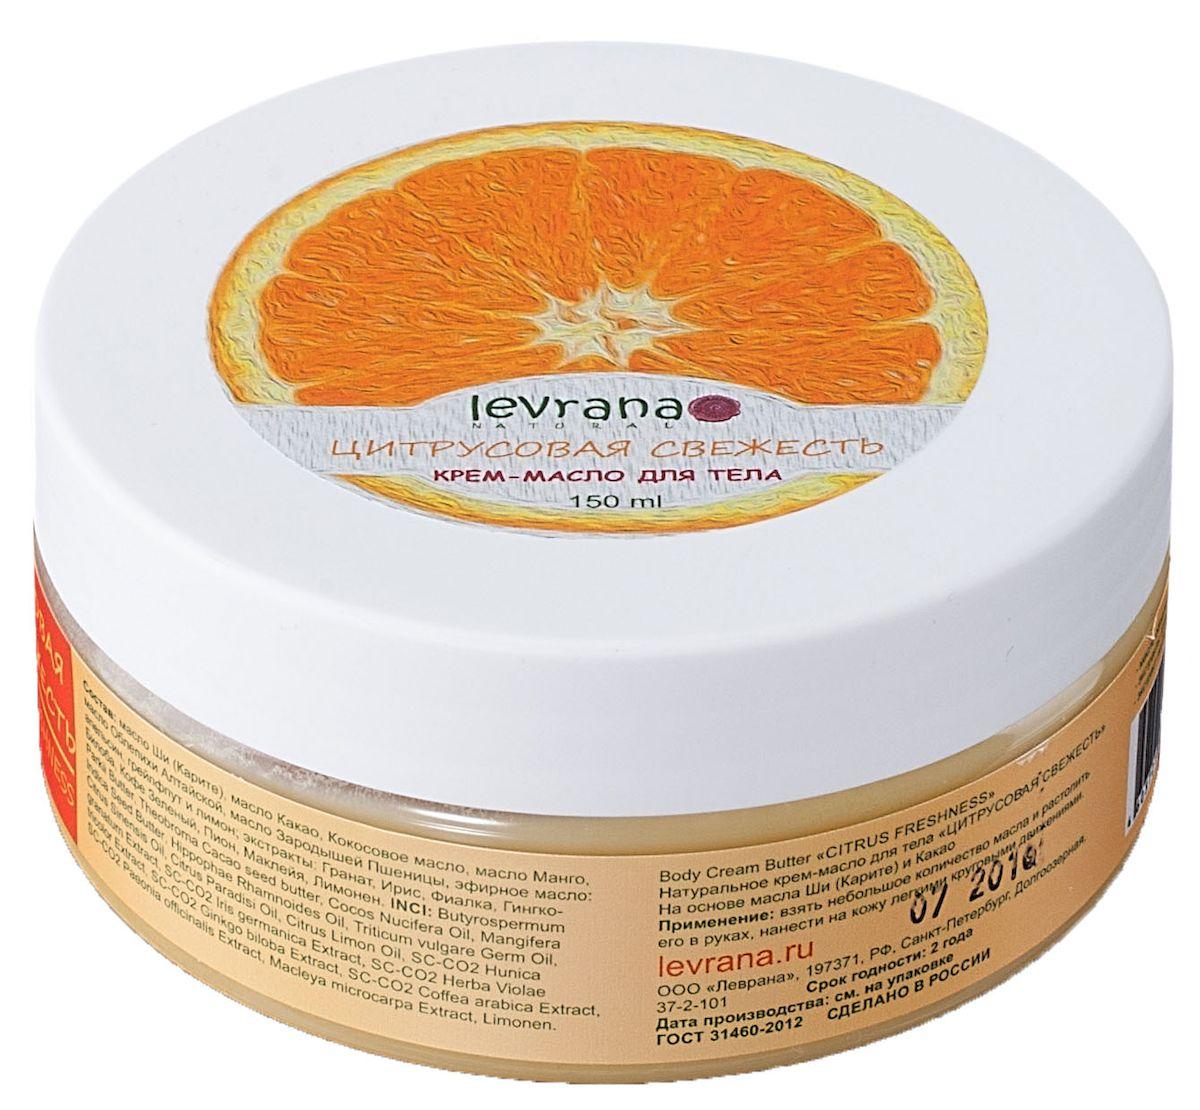 Levrana Крем-масло Цитрусовая свежесть, 150 млKPHC03Используйте крем-масло для всего тела сразу после банных процедур, оно приятно смягчает и увлажняет кожу, а также насыщает ее витаминами.